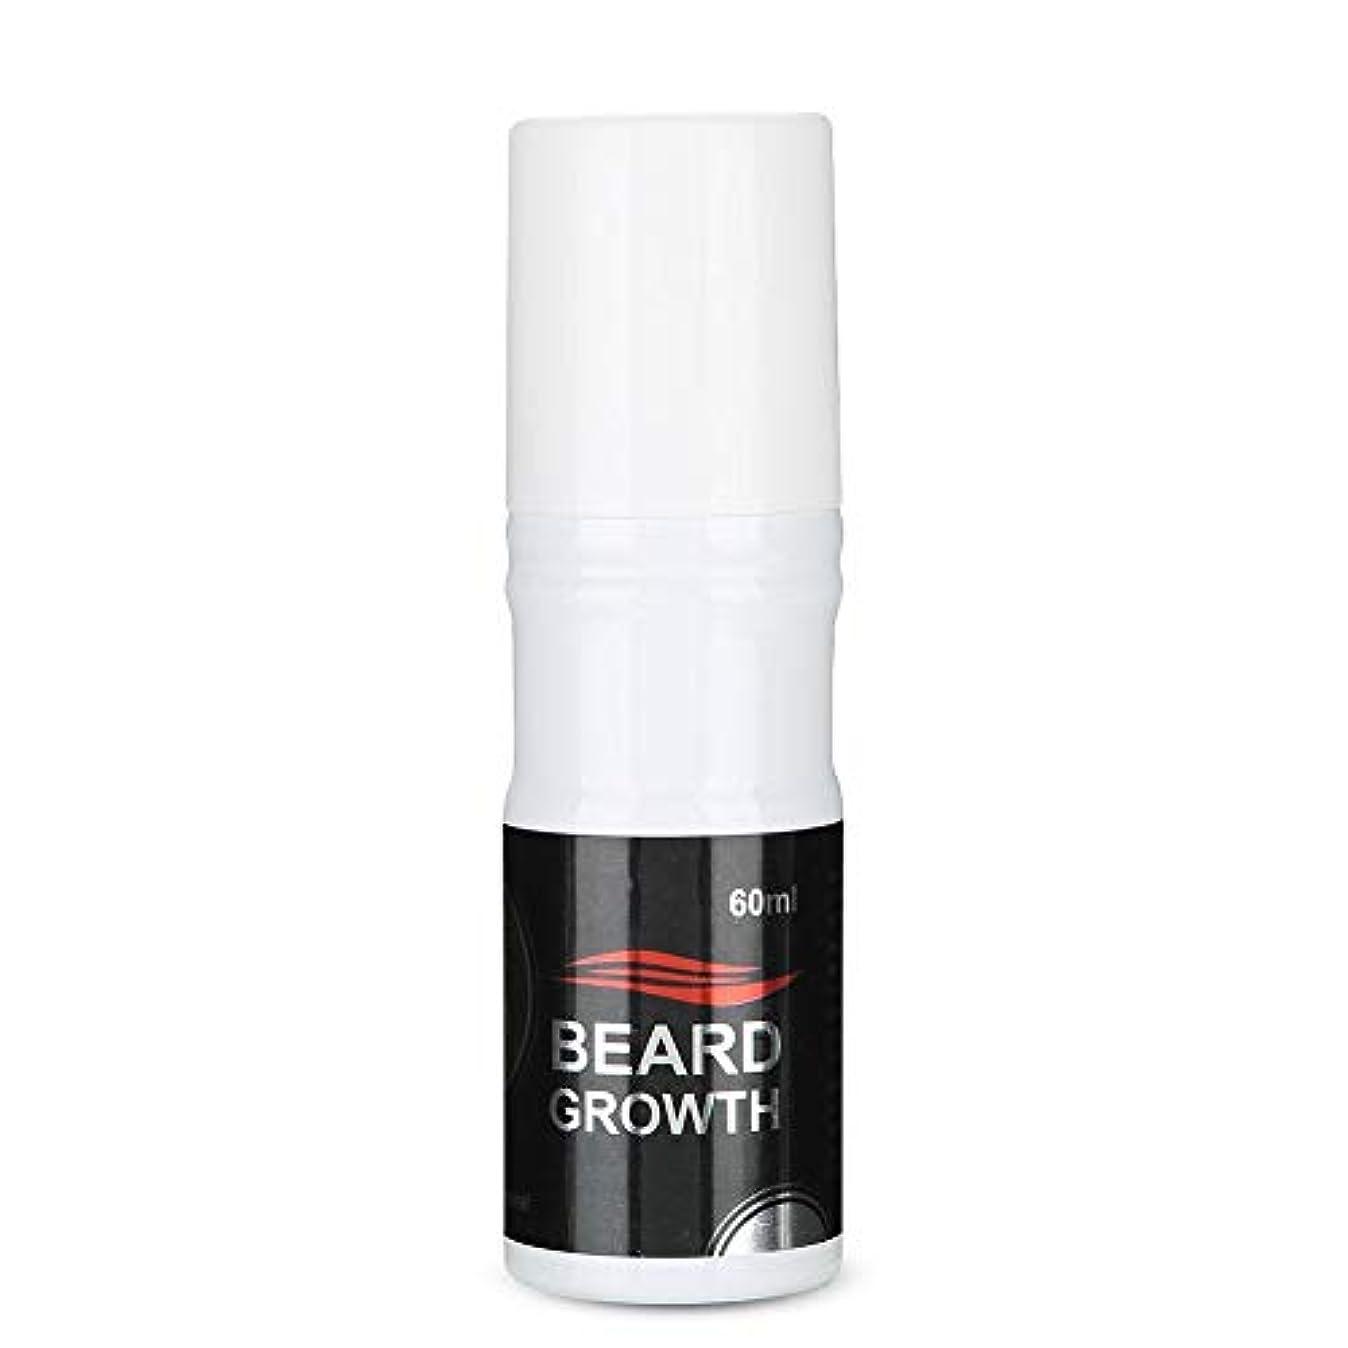 敵対的ホーン見せますSemme 60ml男性のひげの成長のスプレー、より厚いのための自然で加速するひげの成長オイルの顔の毛の成長Lequidおよびより完全なひげ